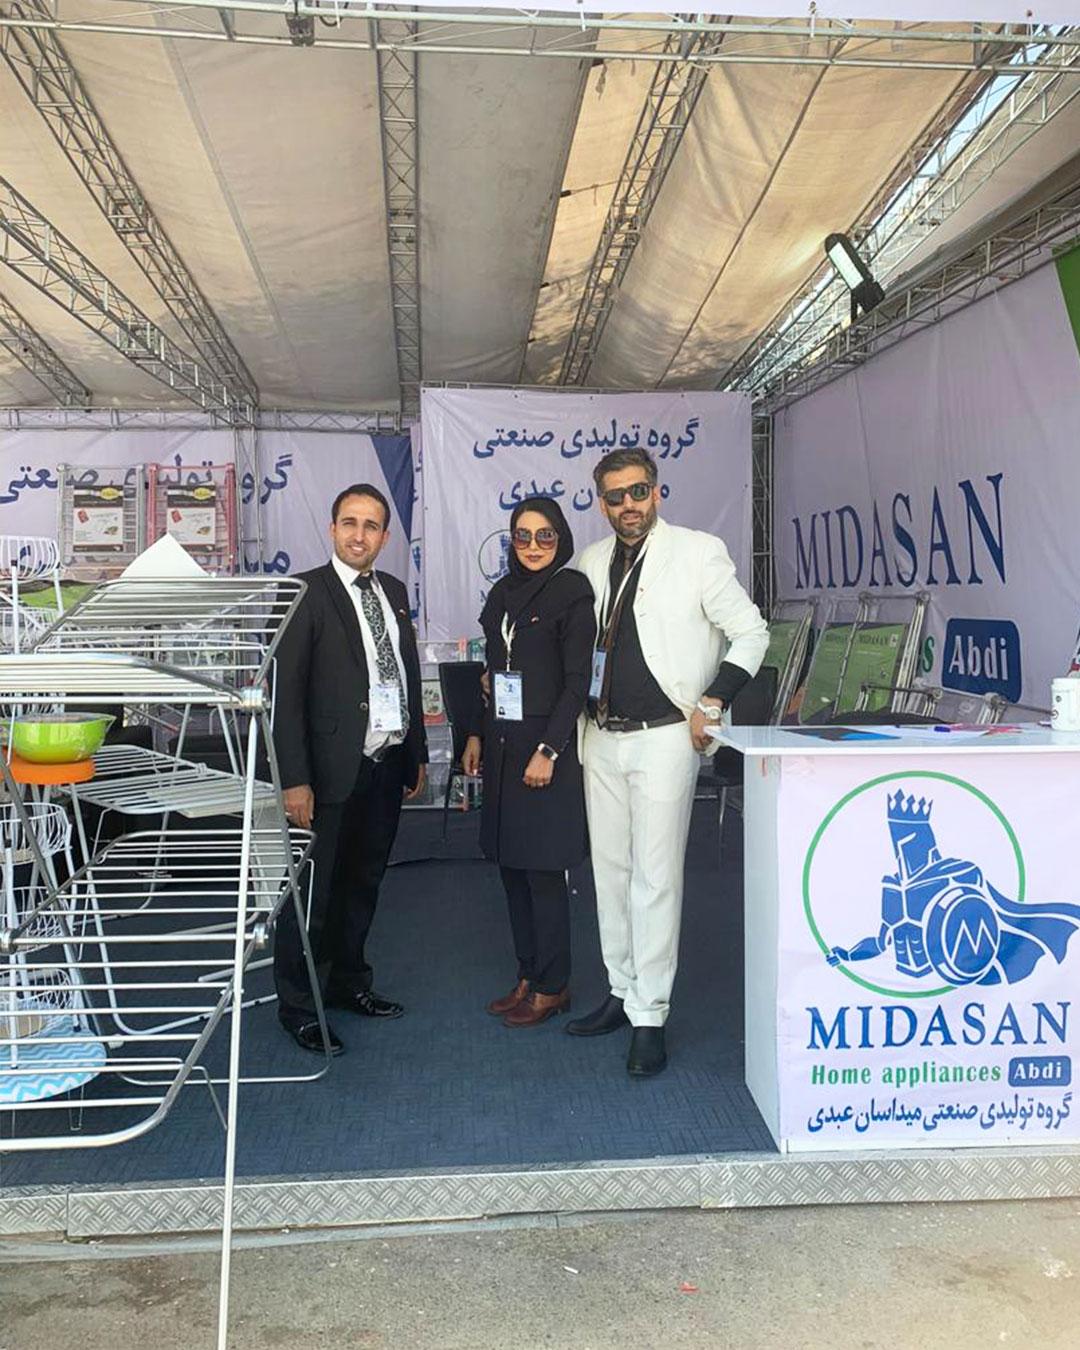 نمایشگاه-ایران-پلاست-میداسان-عبدی11